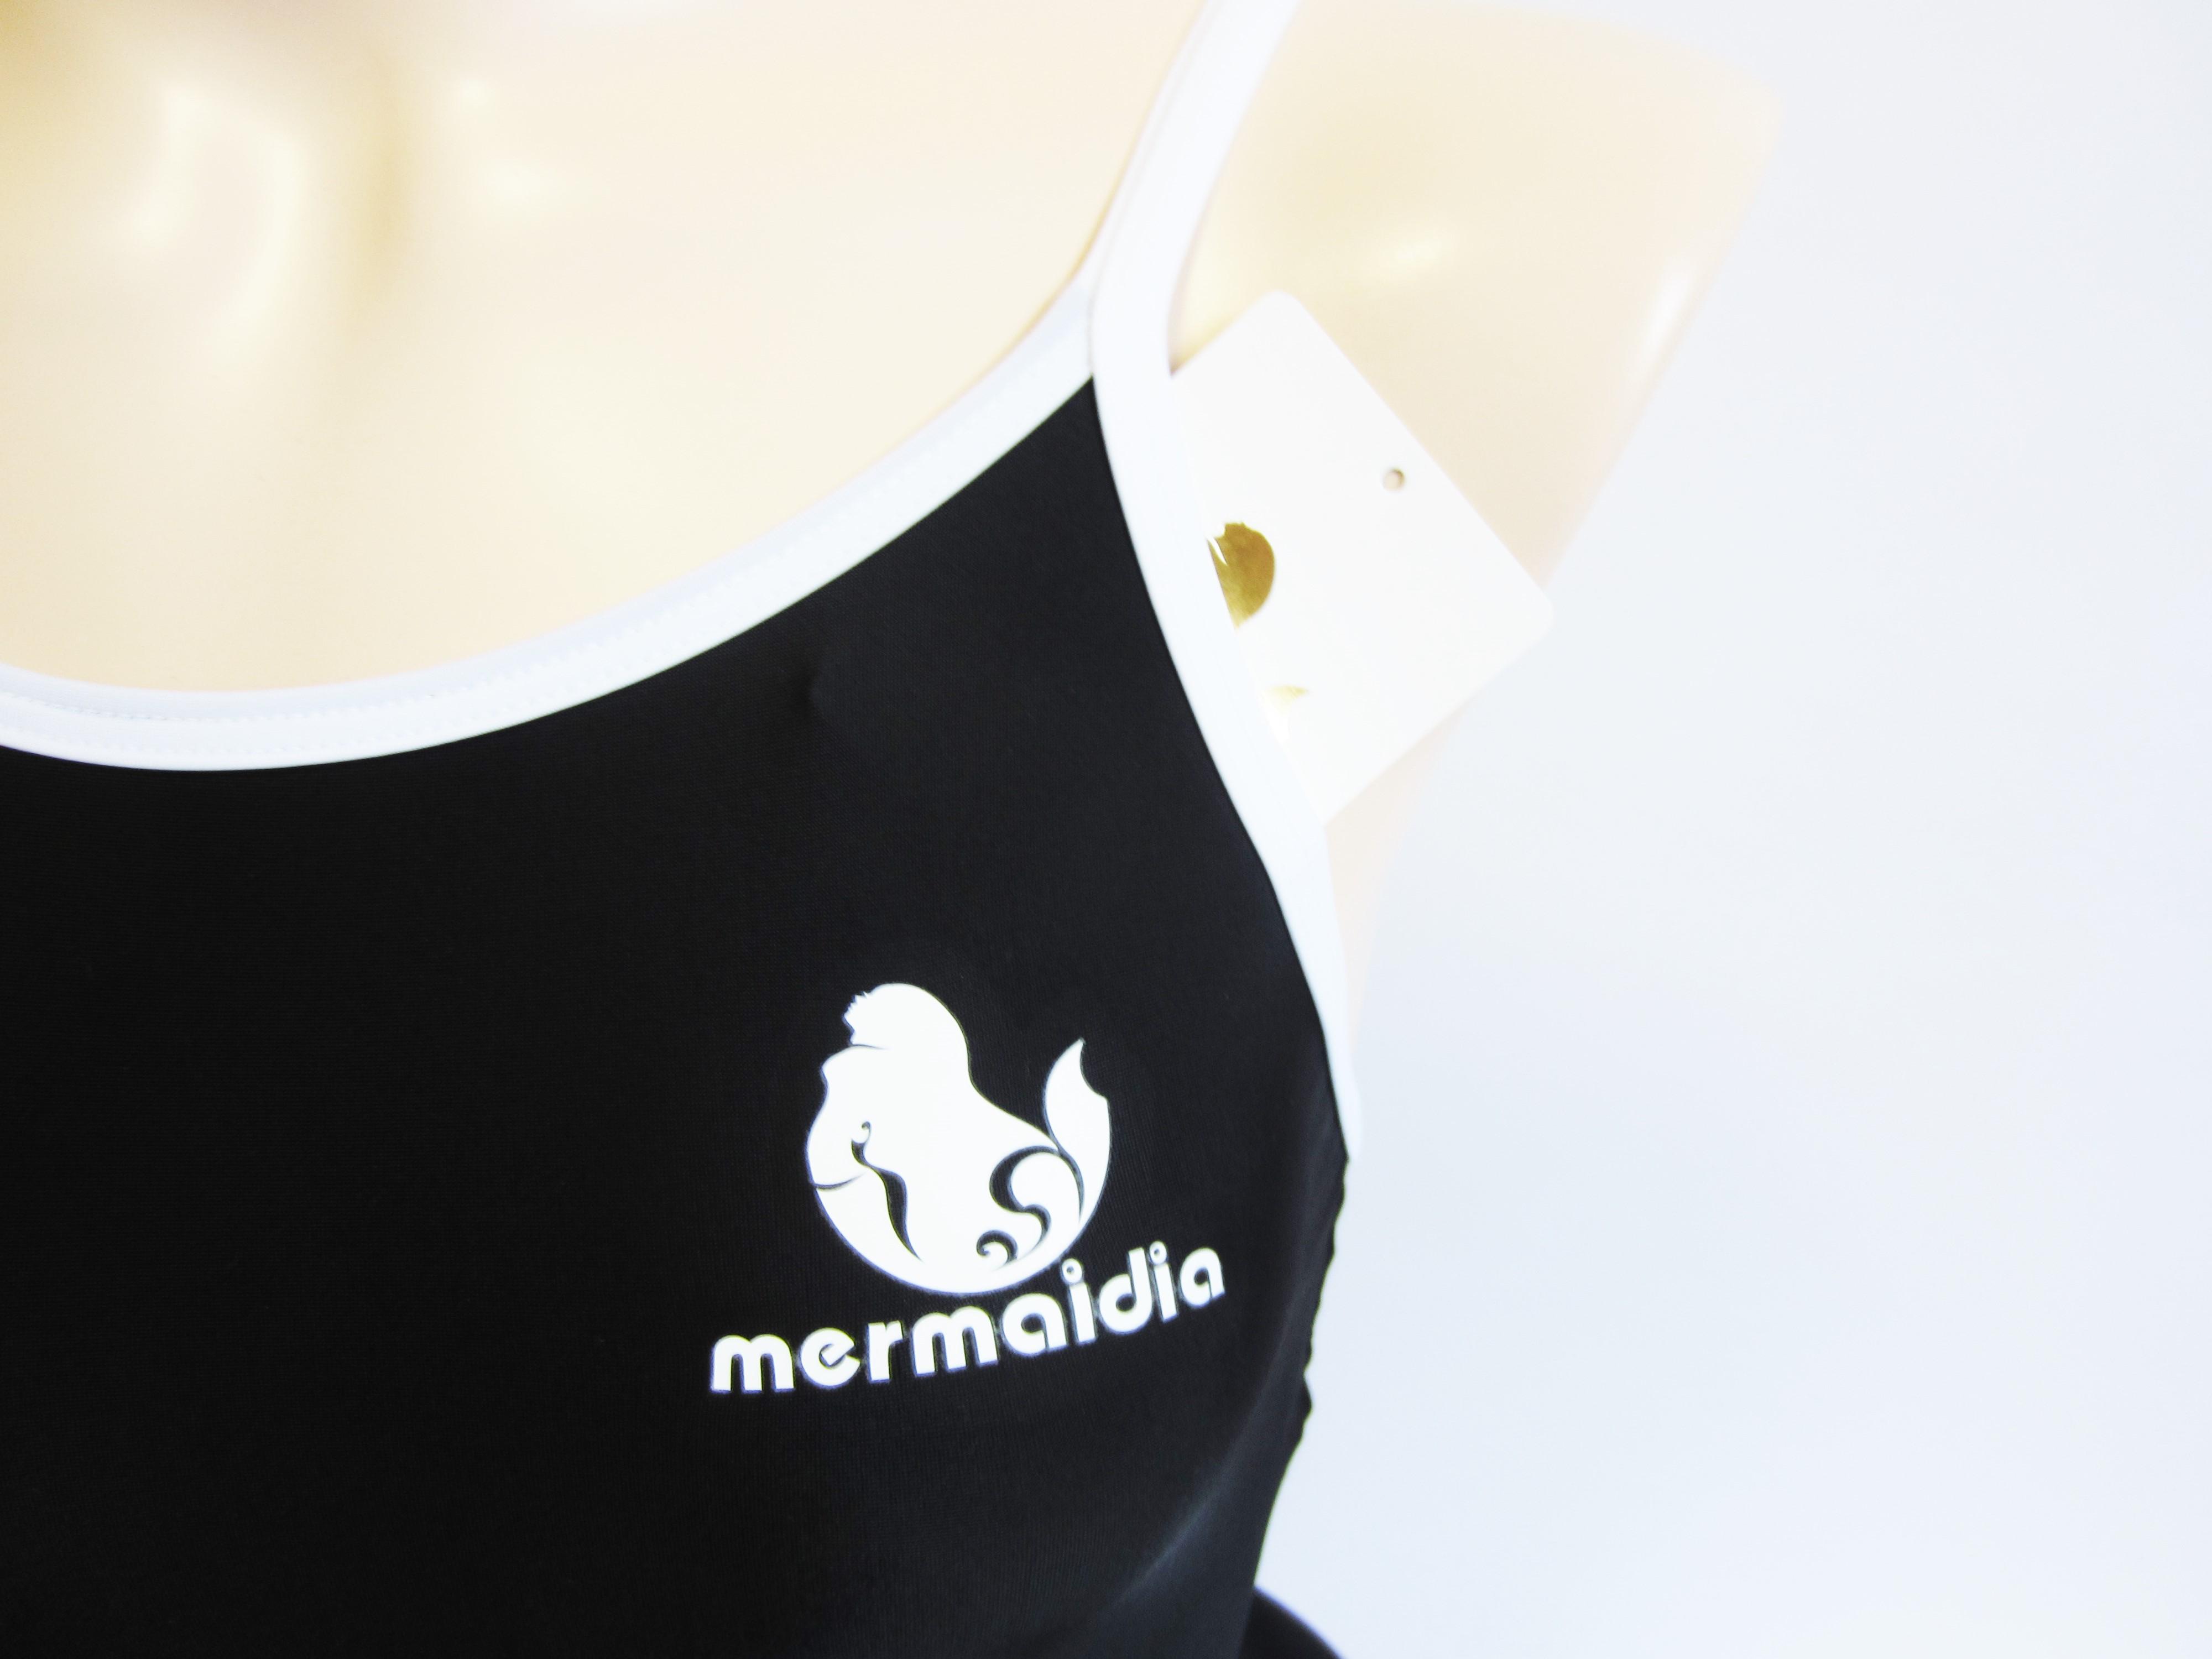 ブラック × ホワイト Mermaidia (マーメイディア) スクール水着